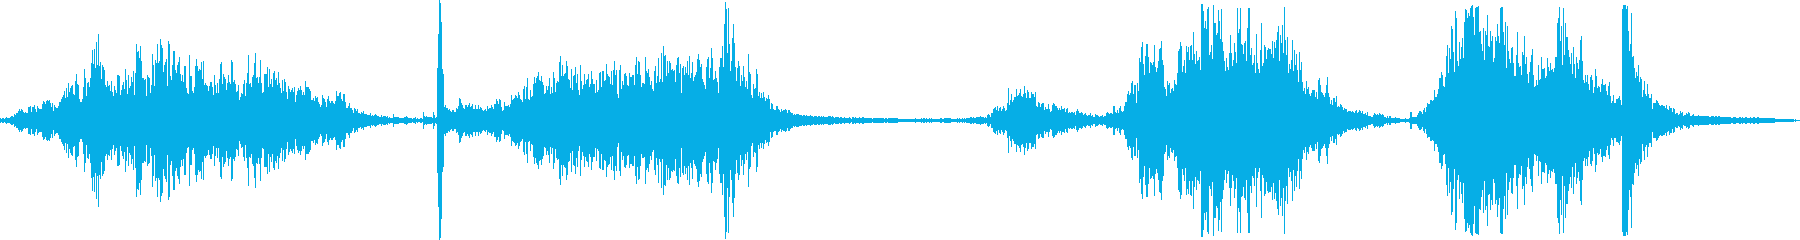 ドアメタルローリングゲートランブルの再生済みの波形